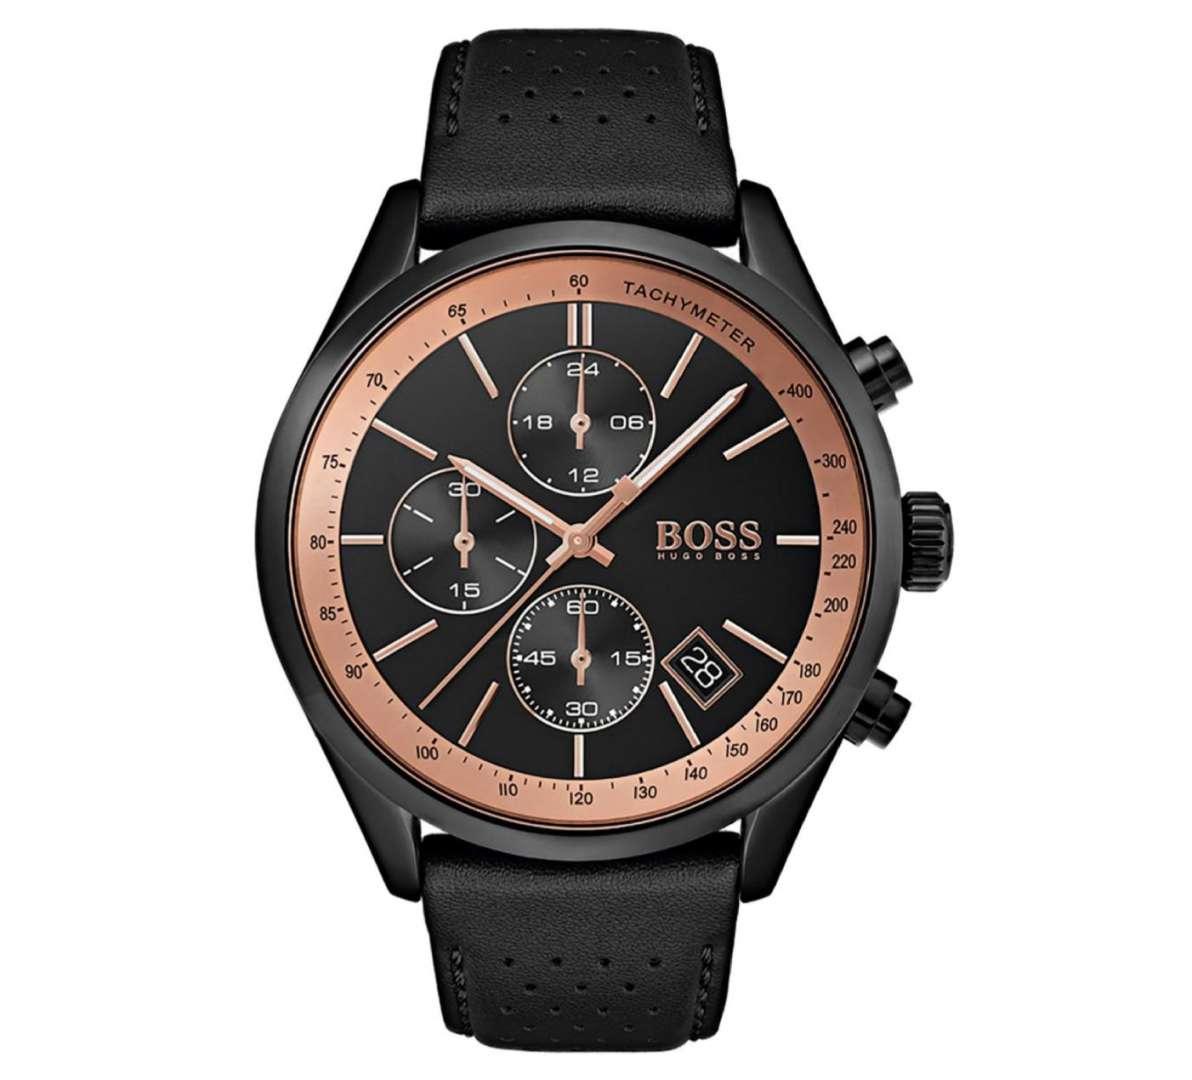 שעון יד אנלוגי לגבר hugo boss 1513550 הוגו בוס